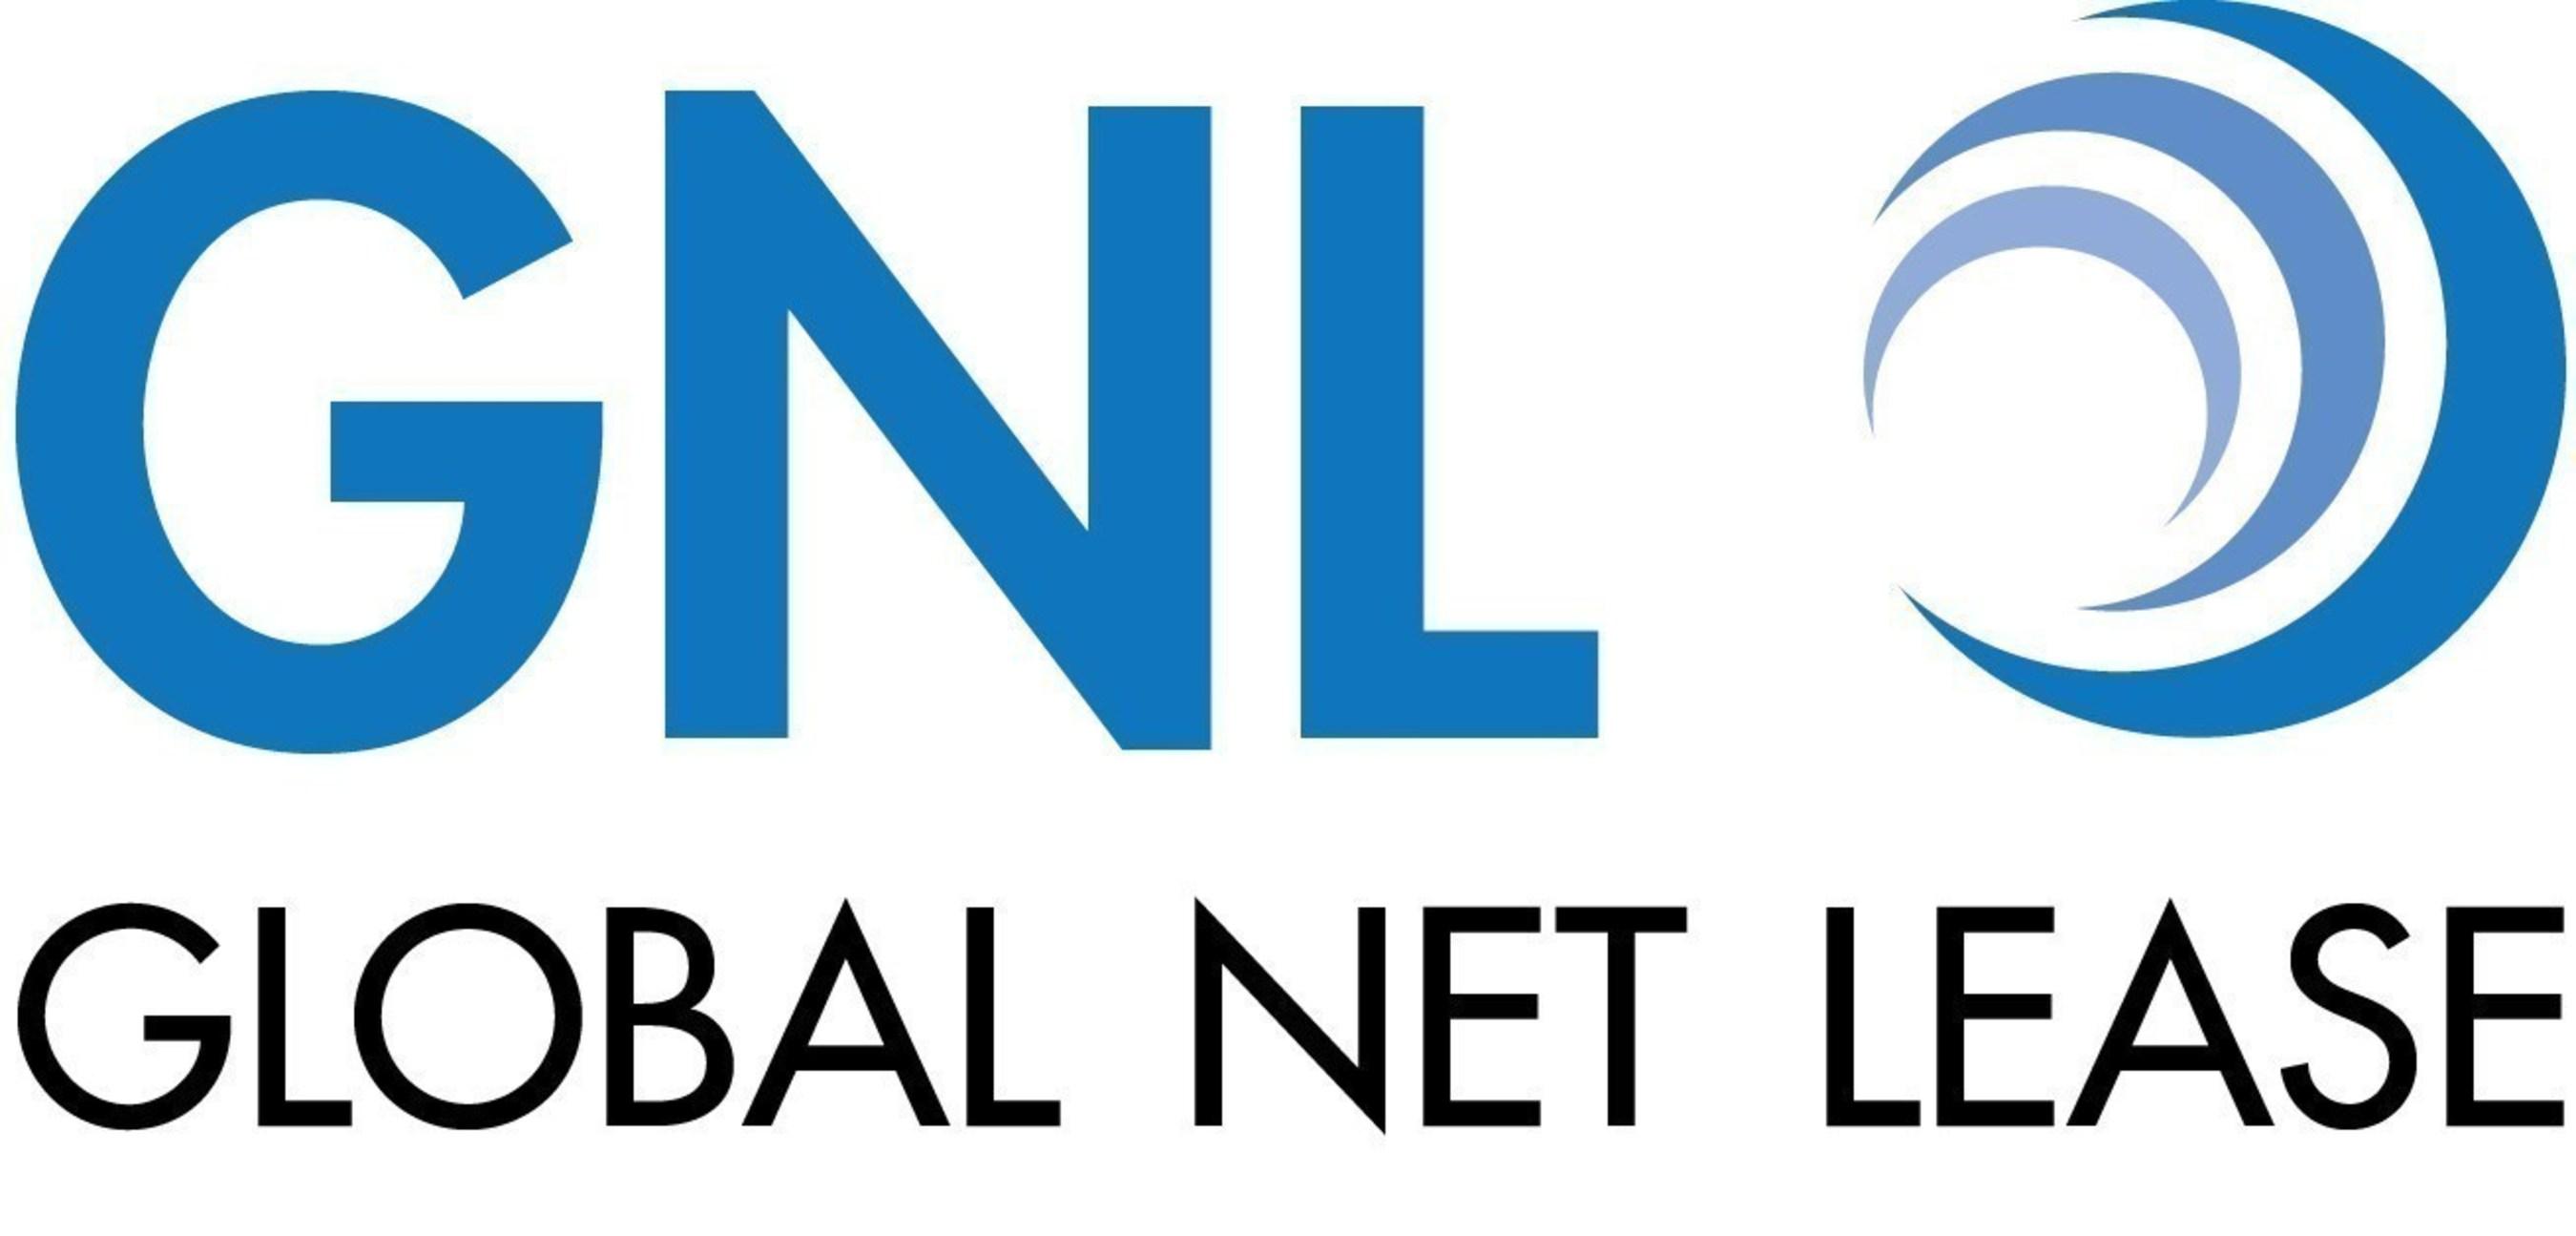 Global Net Lease, Inc.